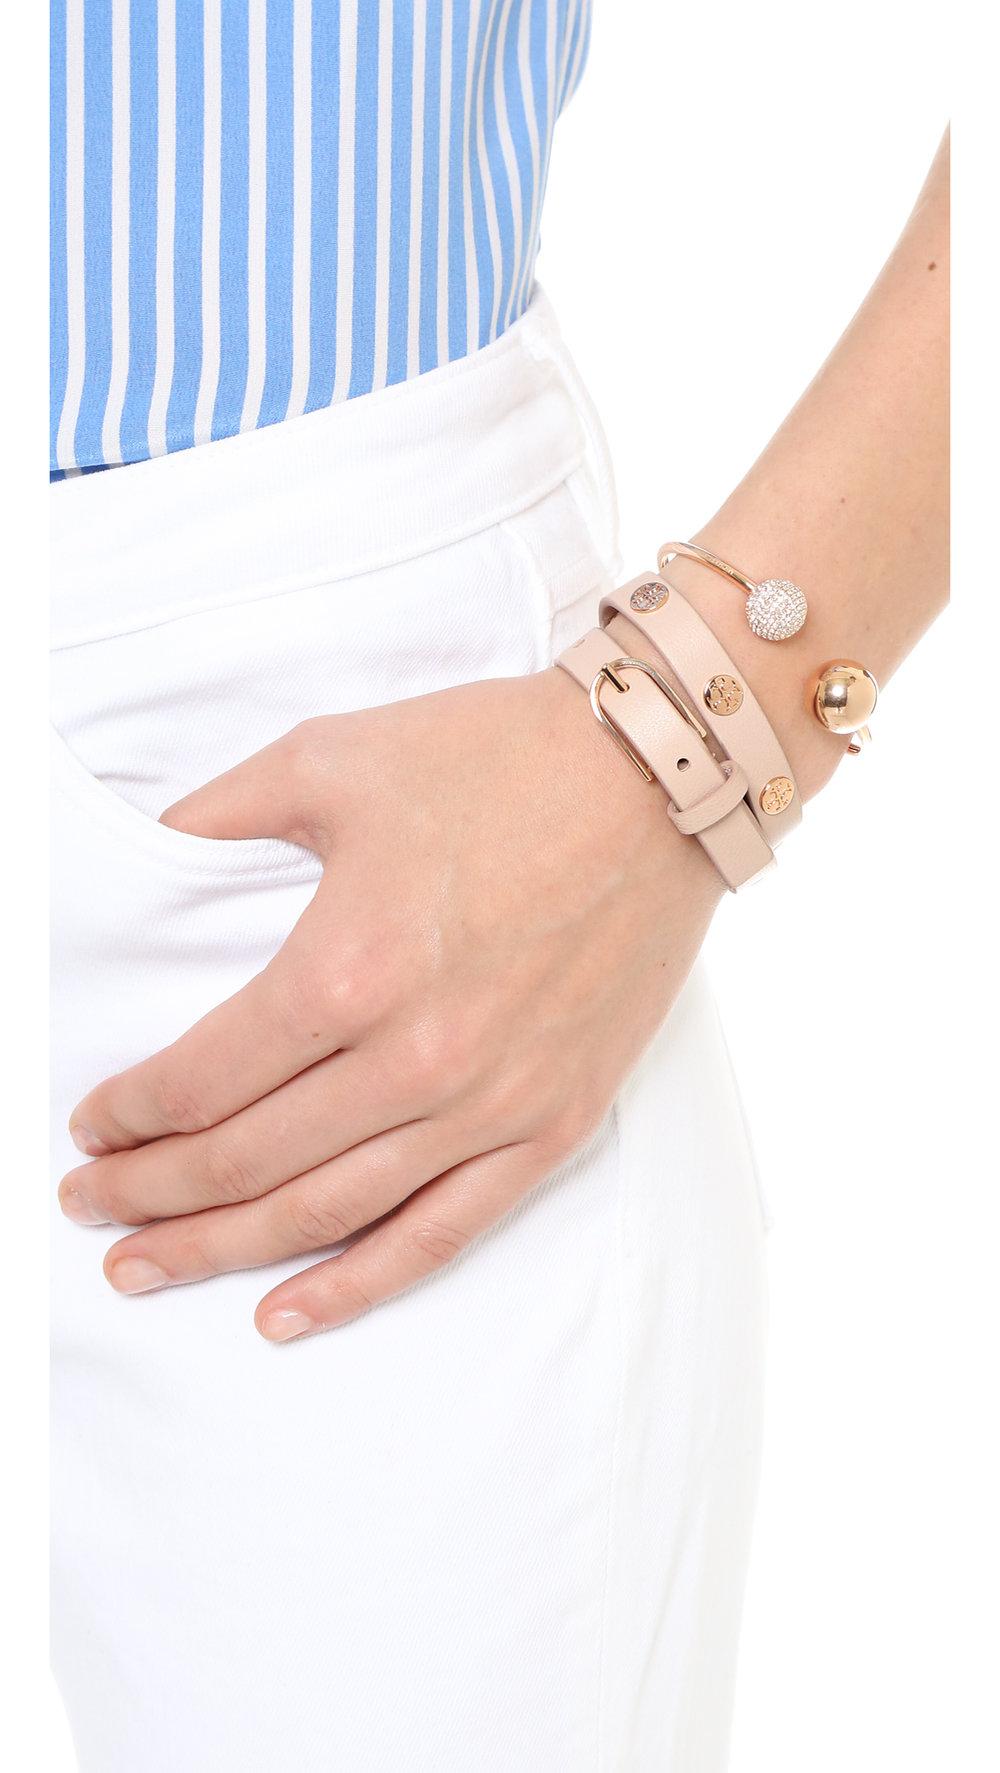 tory-burch-double-wrap-logo-stud-bracelet-1539296154-1.jpg